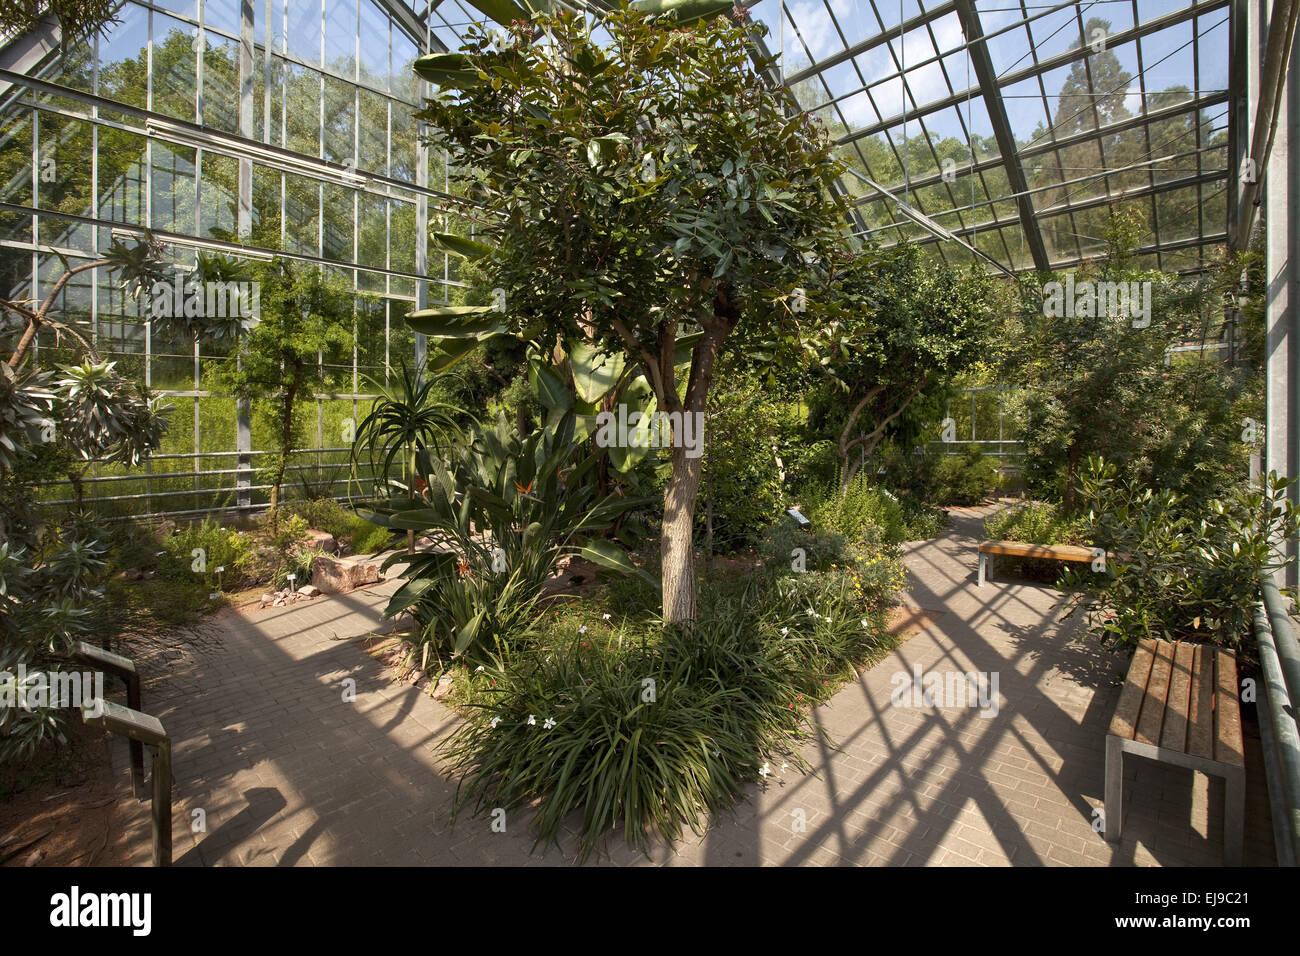 Botanischer Garten, Bochum, Deutschland Stockbild